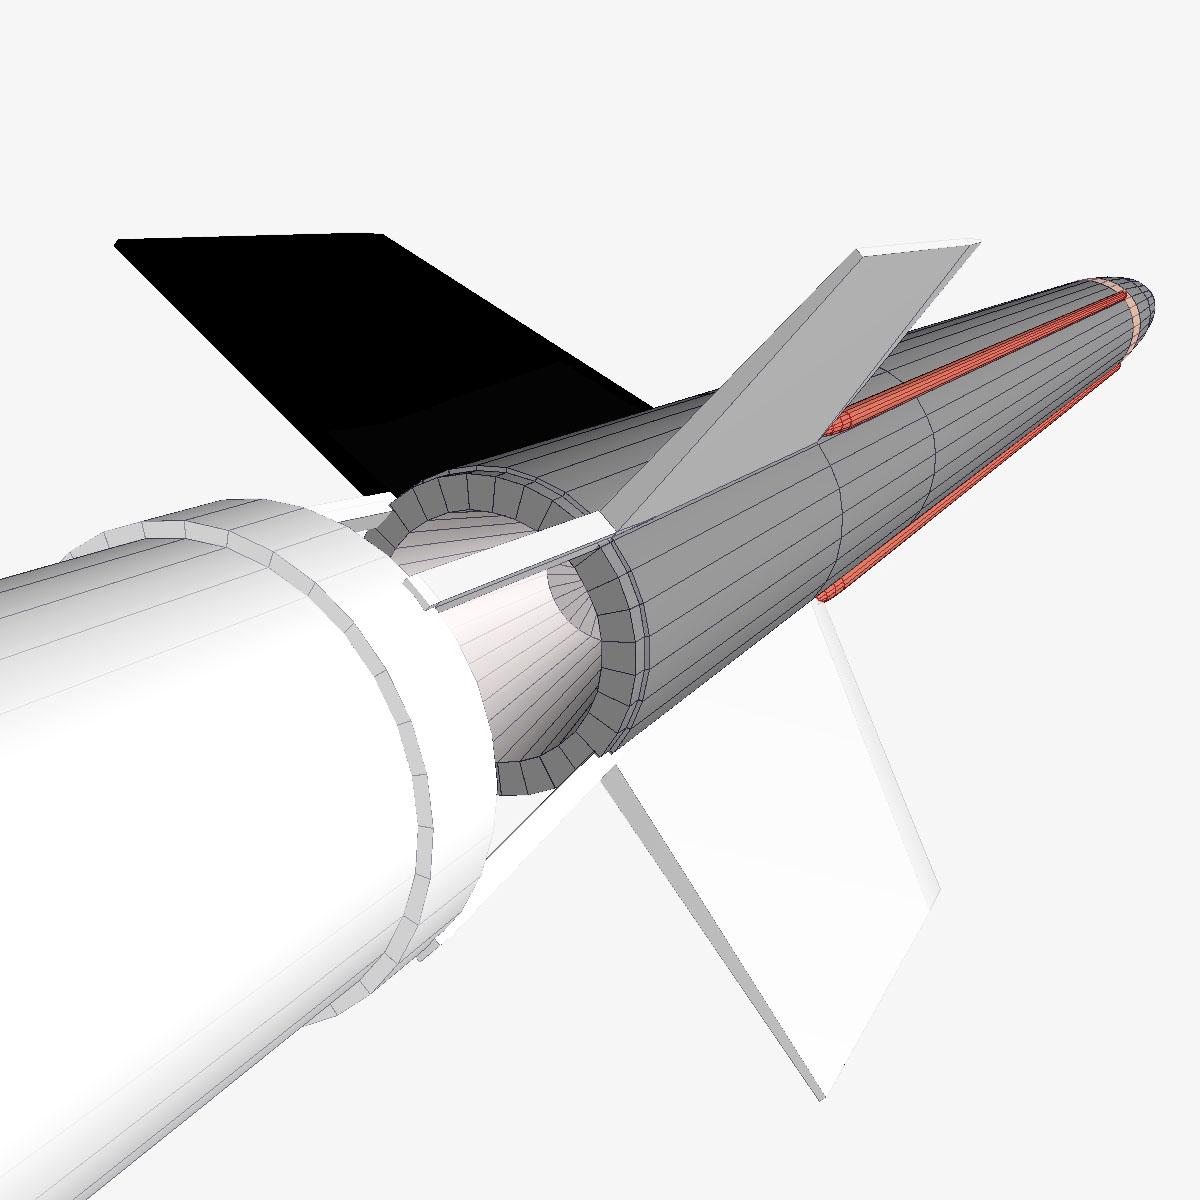 aerobee 170 raķete 3d modelis 3ds dxf fbx blend cob dae x obj 166046